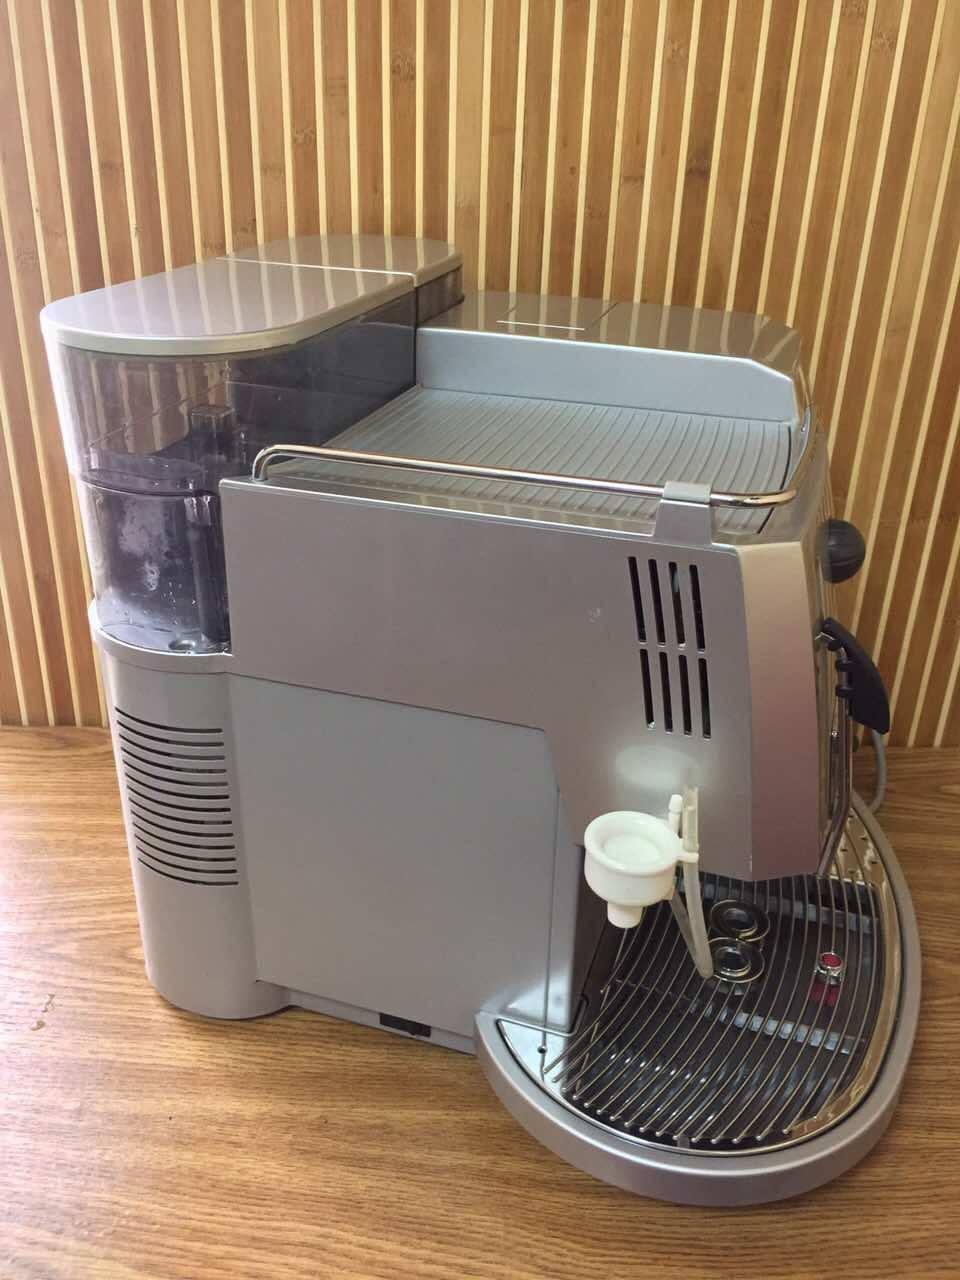 Якщо ви цінуєте каву й свій час, то вам точно потрібна кавоварка Saeco Royal Professional Redesign. Вона буде радувати вас запашною кавою кожен день.